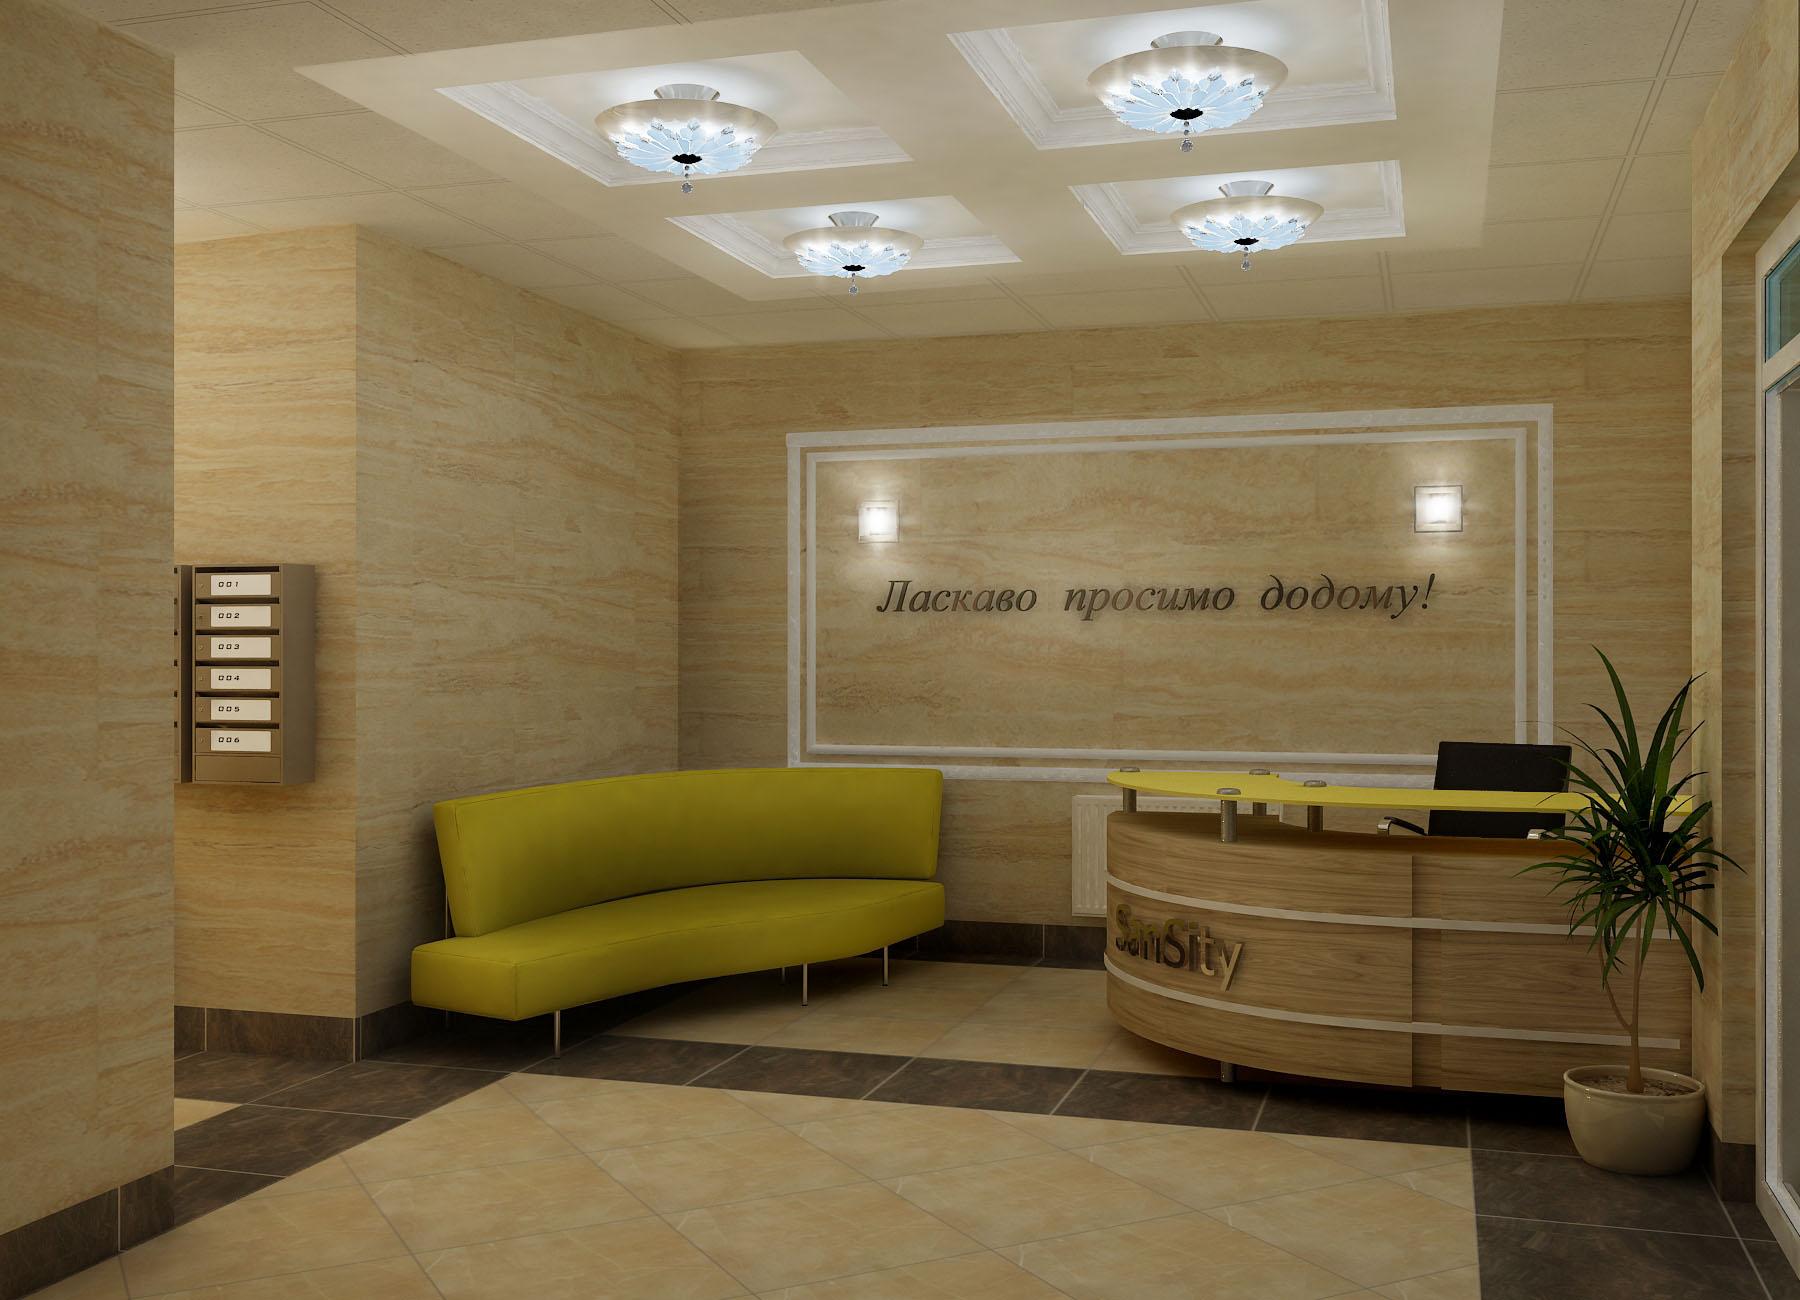 ЖК Sun City (Сан Сити) Новостройка в Одессе Холл